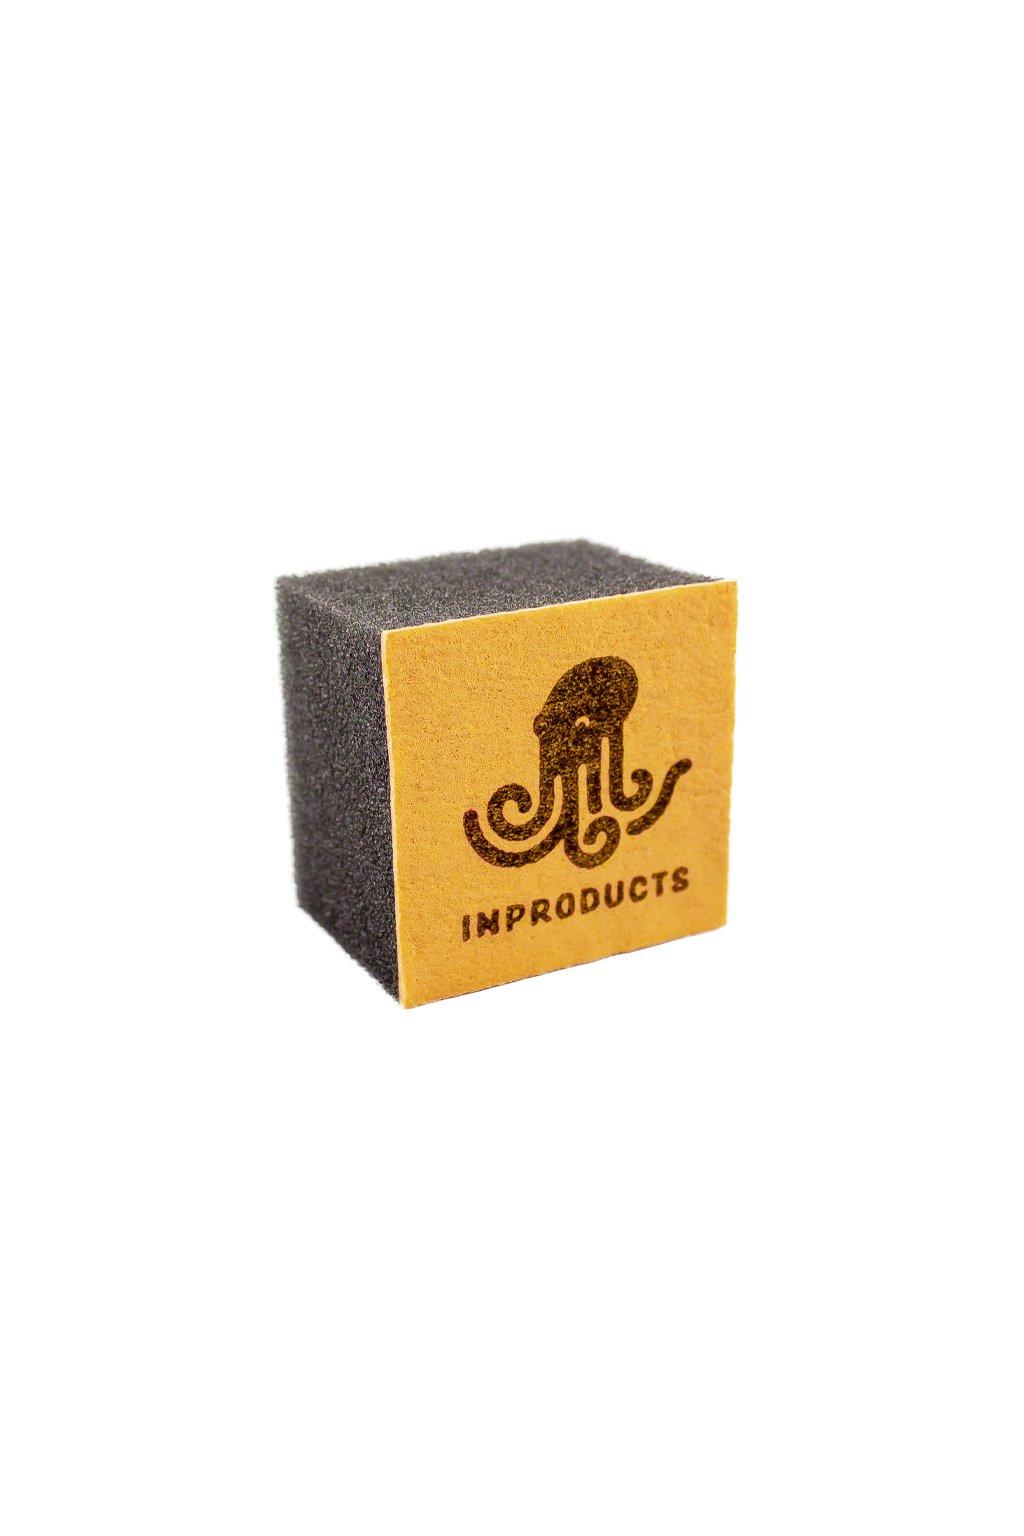 Inproducts houbička 1